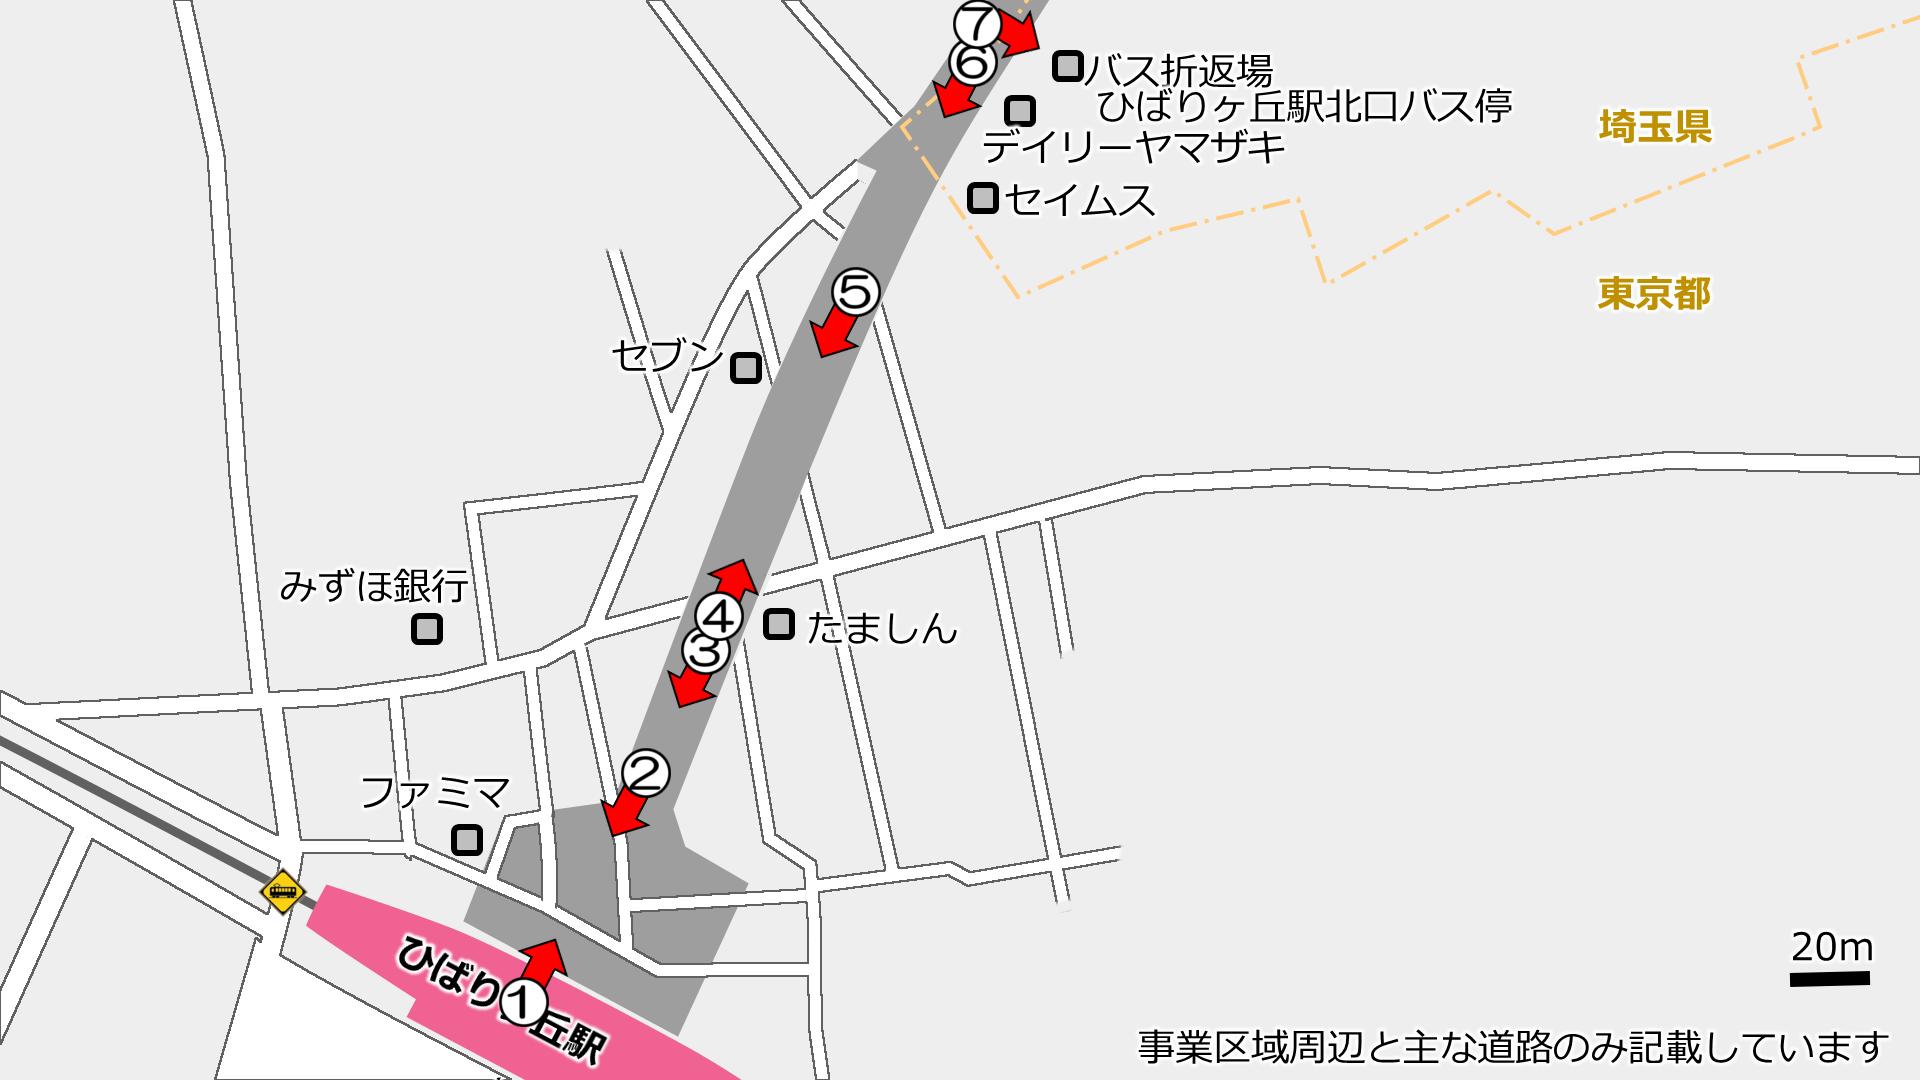 ひばりヶ丘駅北口の新しい道路 西東京3・4・21号 進捗状況2018.8_a0332275_19005070.png